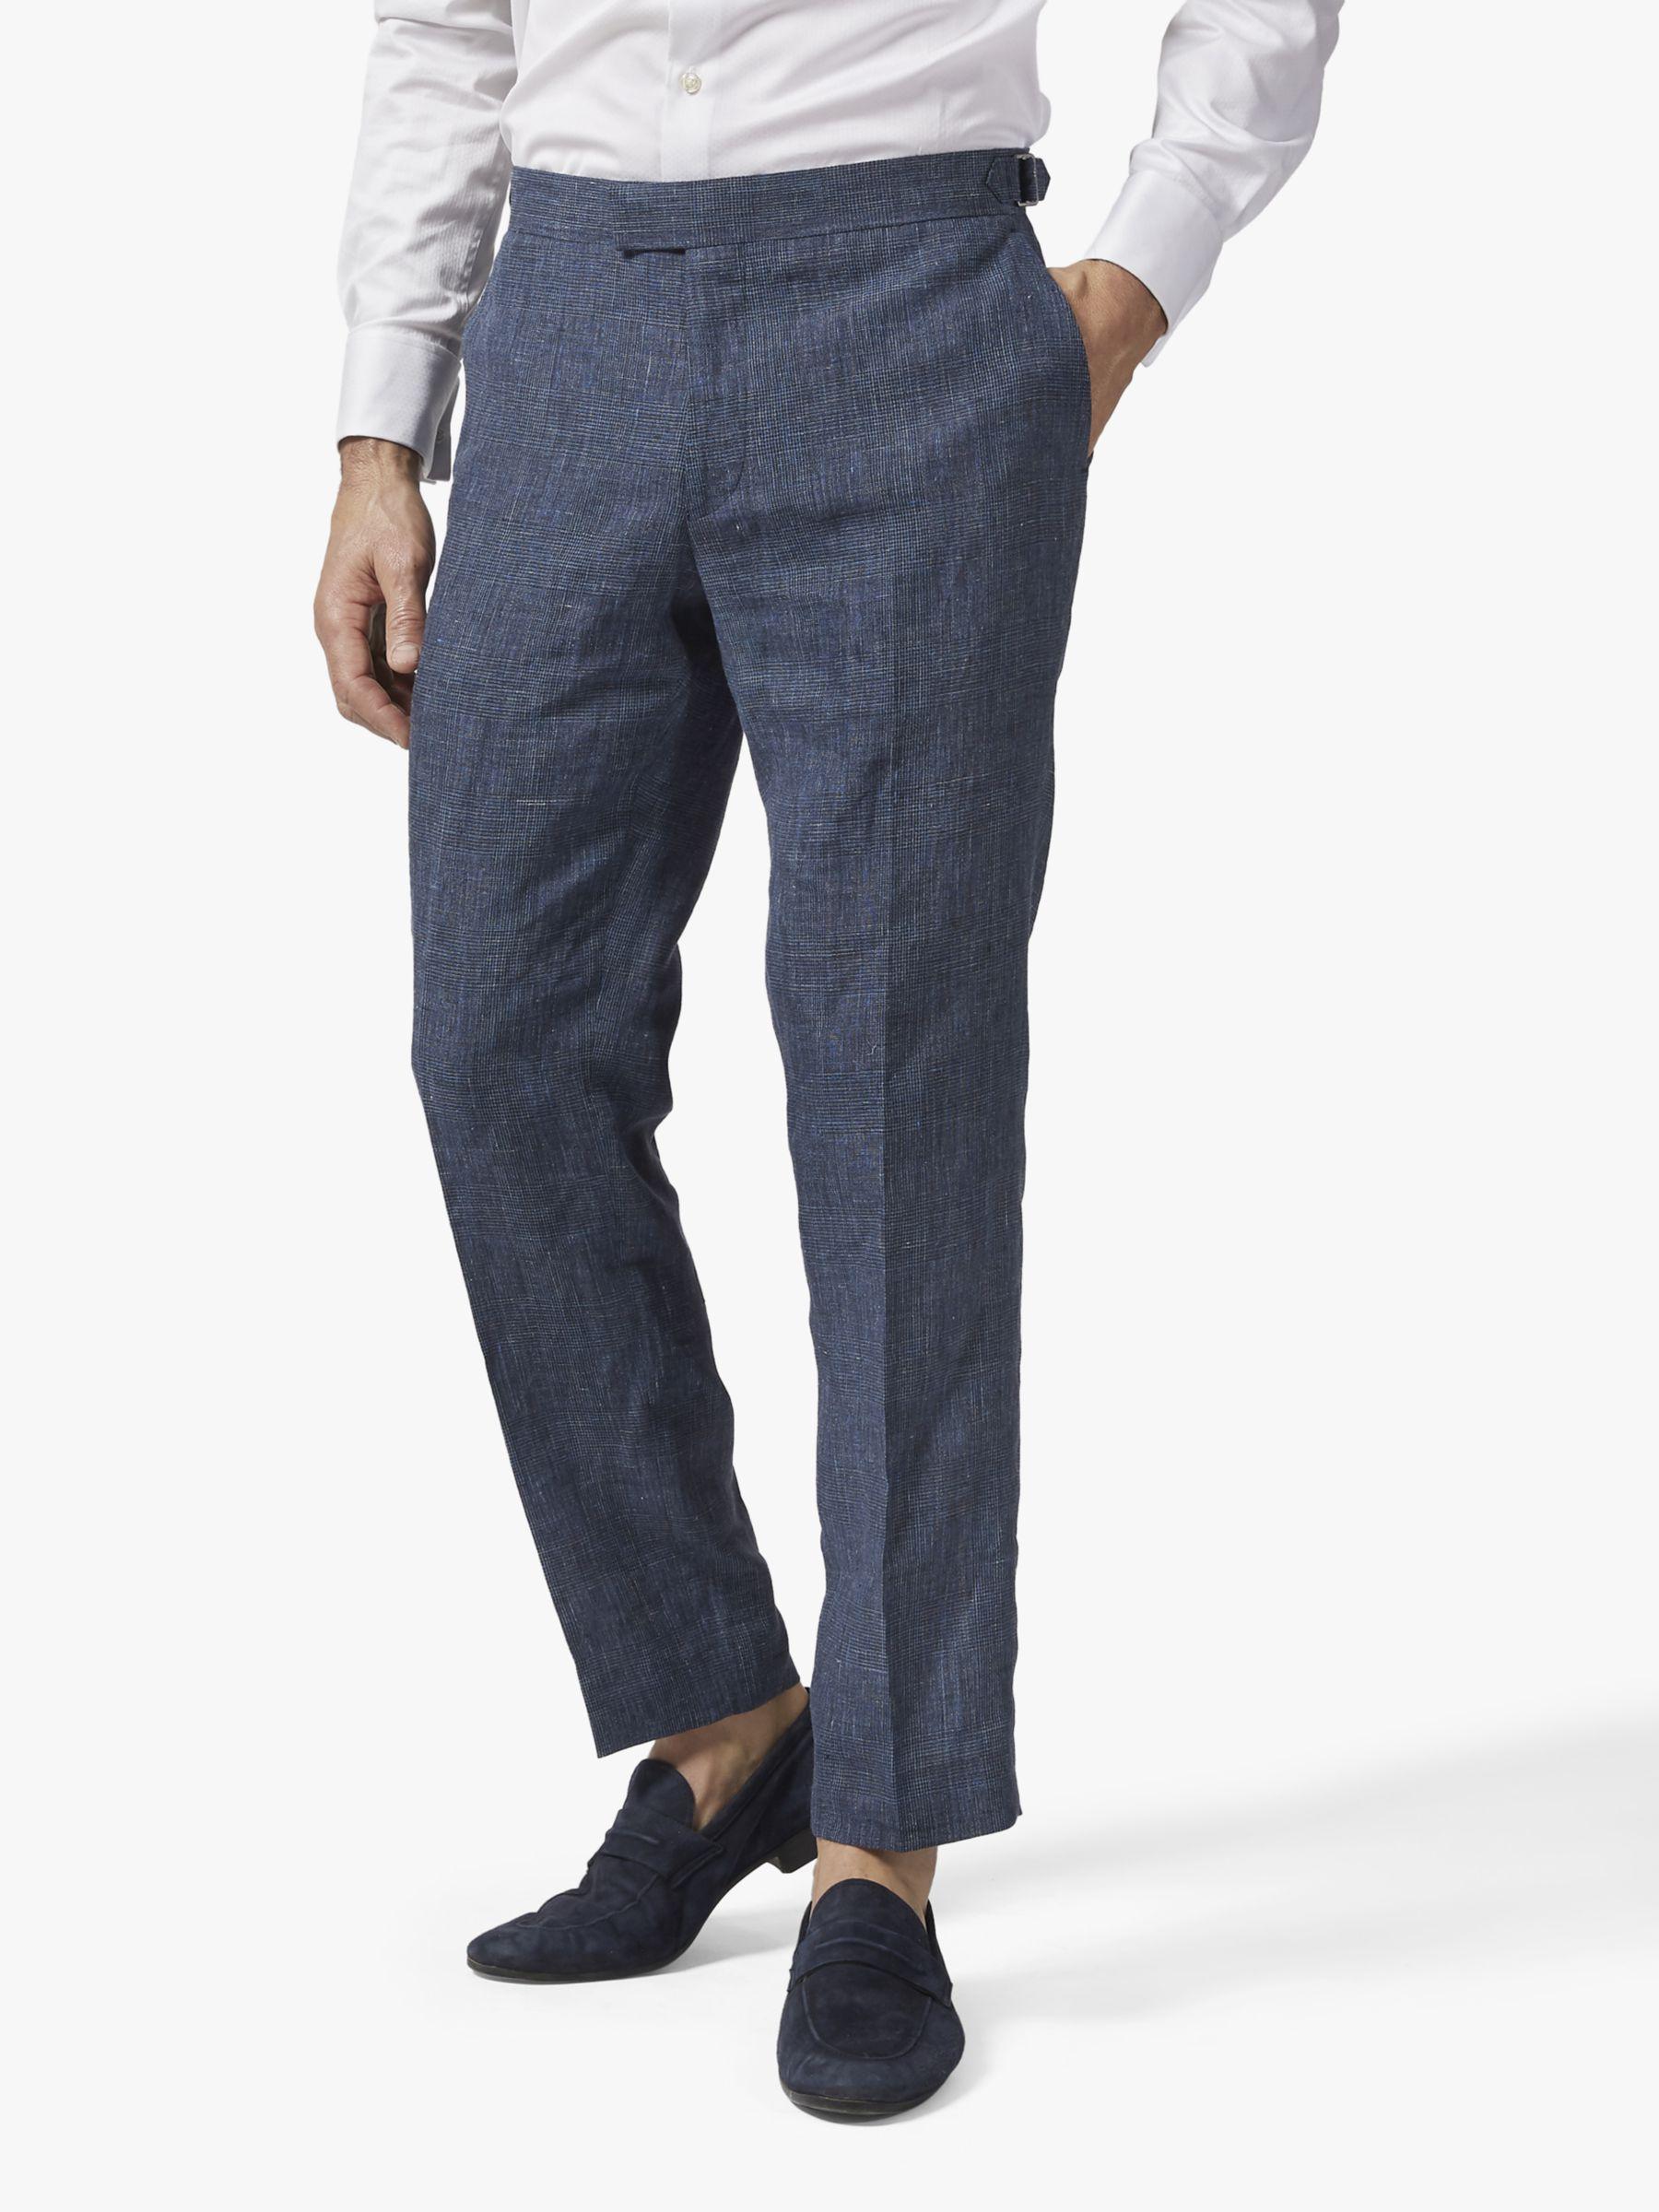 Richard James Mayfair Richard James Mayfair Italian Linen Suit Trousers, Navy